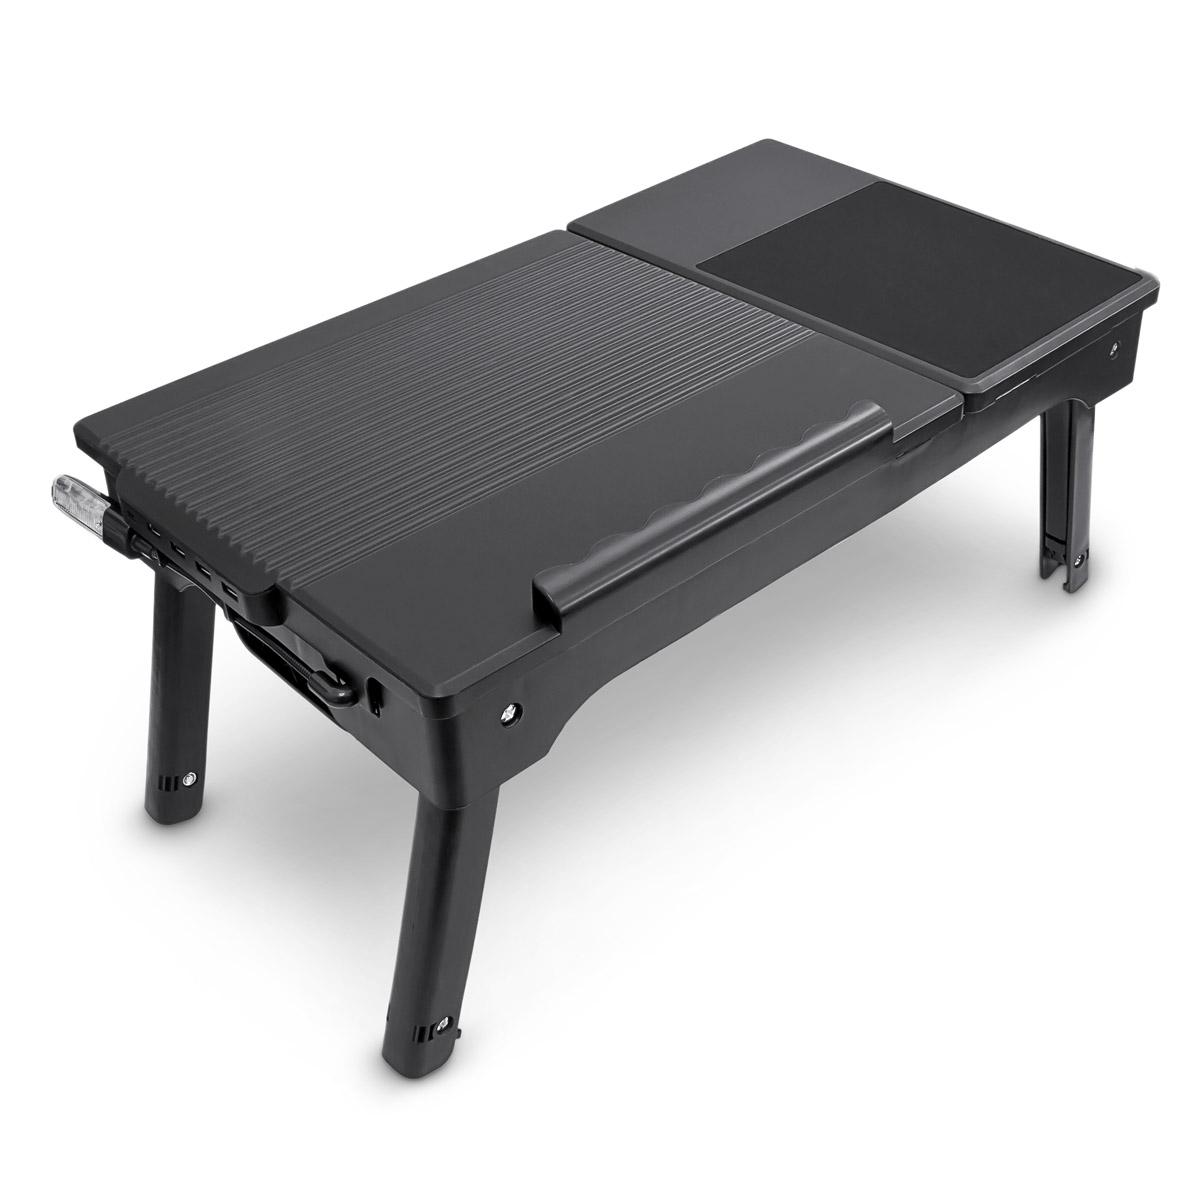 Stolík pre notebook, raňajkové stolíky - https://www.dizajnove-doplnky.sk/doplnky-do-bytu/stojany-pod-notebook